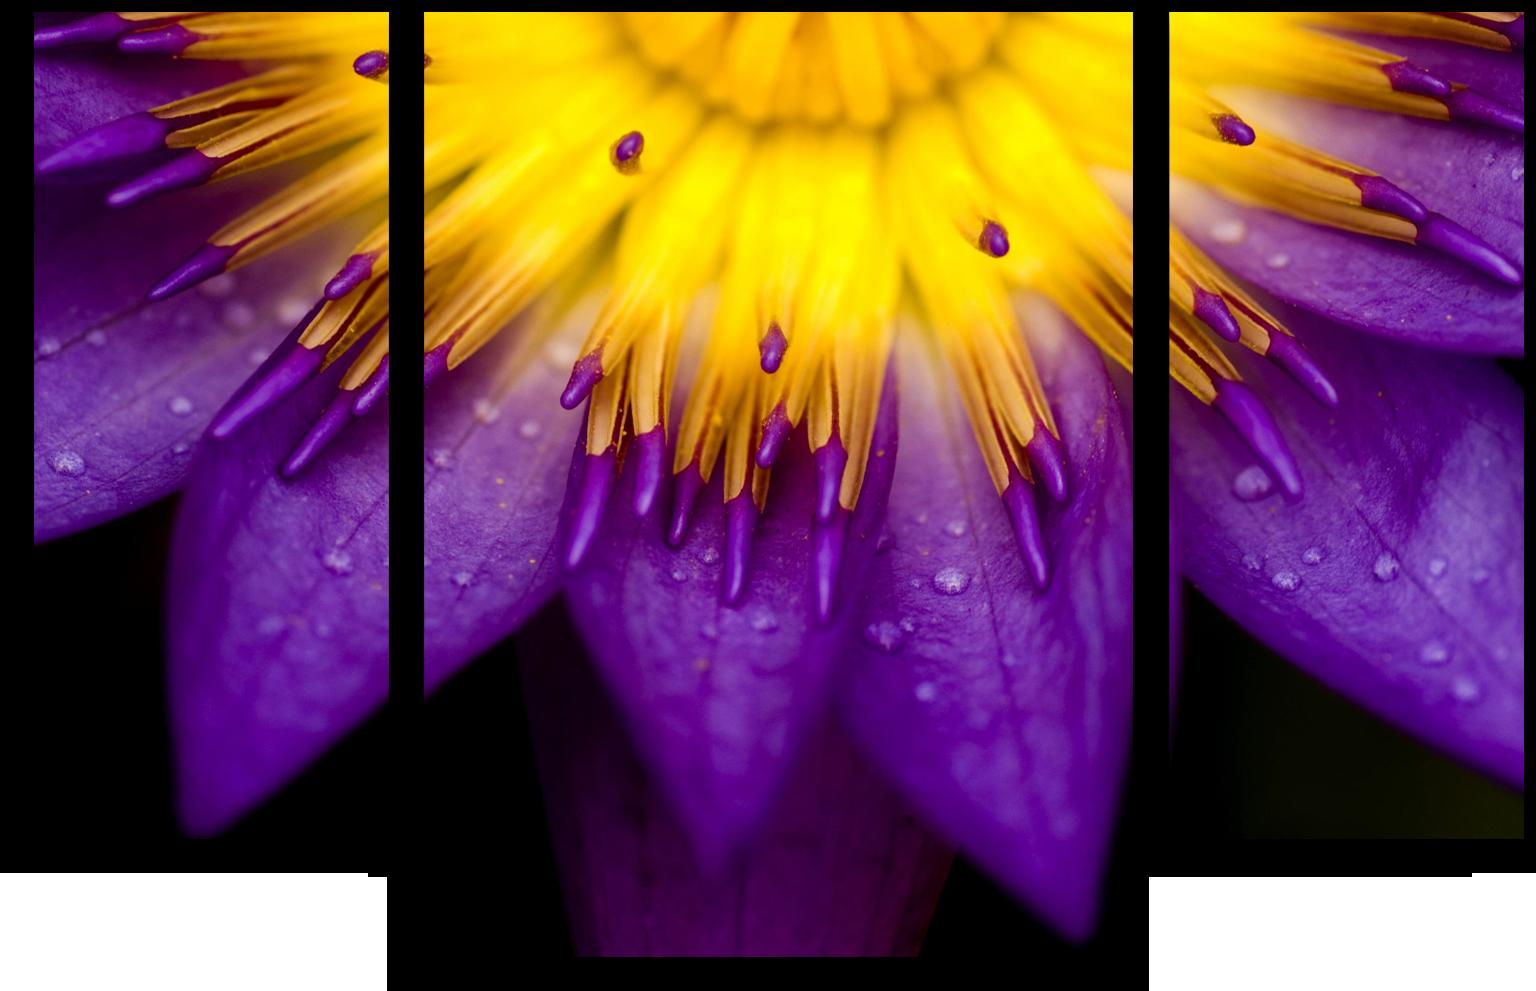 """Цветы Модульная картина """"Желто-фиолетовый цветок"""" М521.png"""